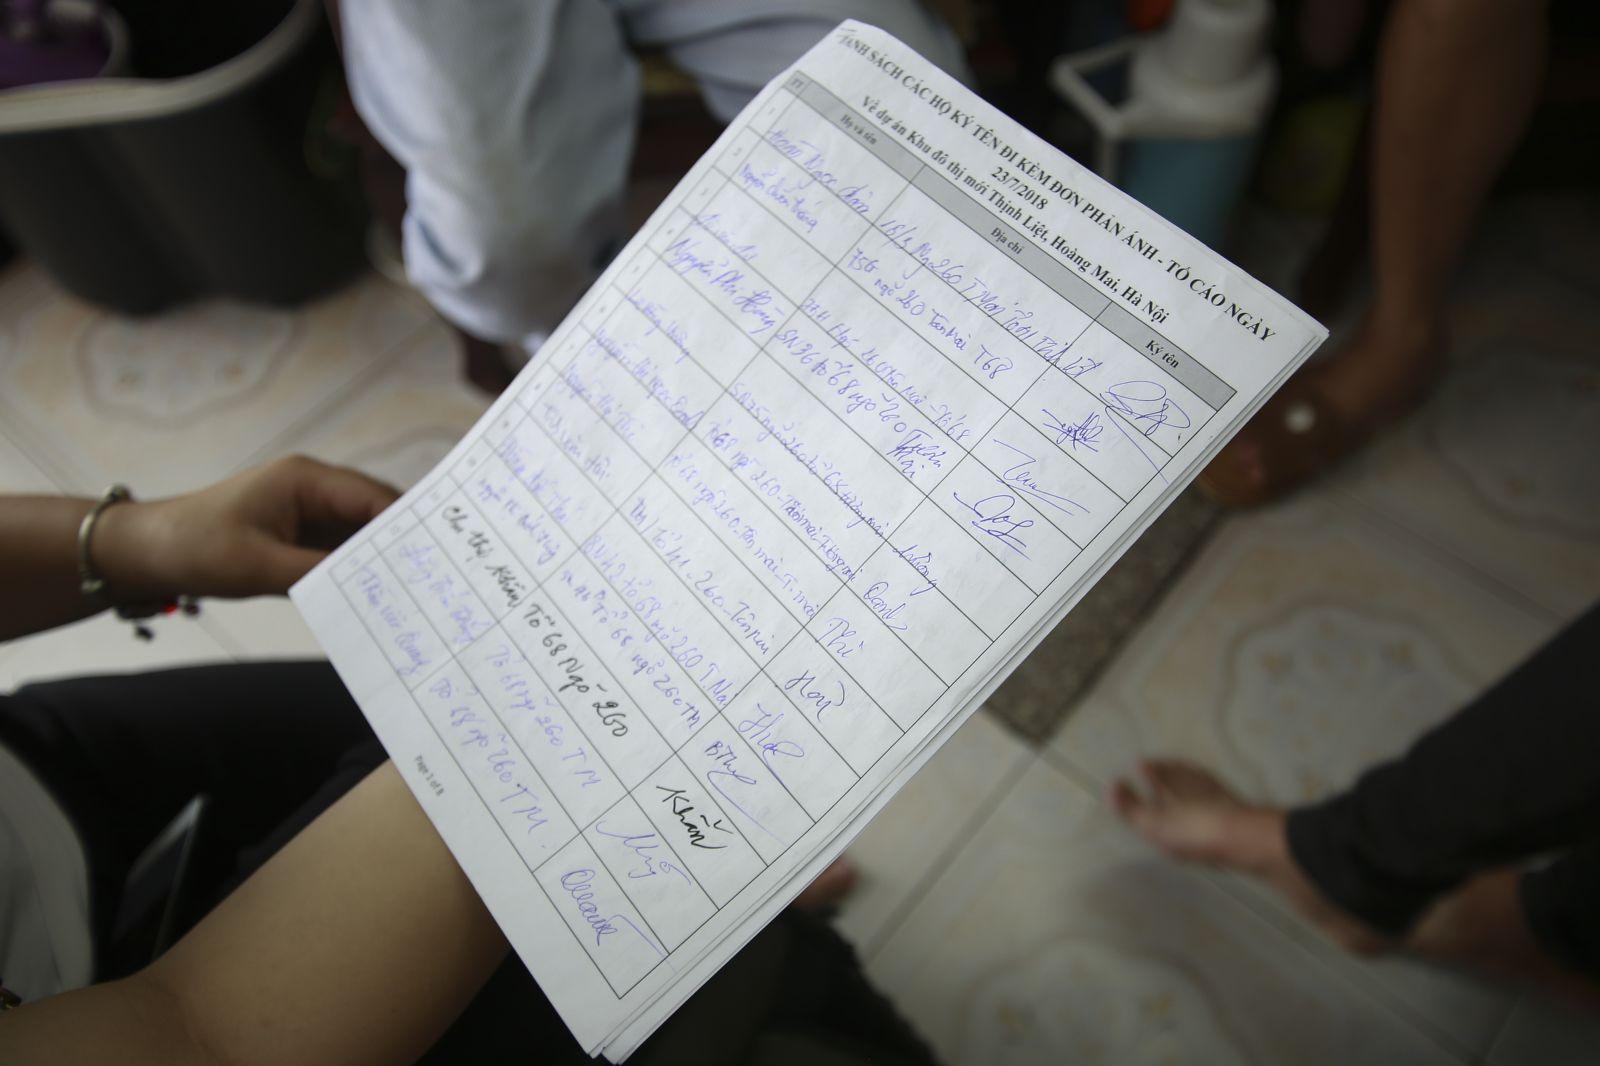 Người dân đã cùng nhau tập hợp chữ kí, gửi đơn kêu cứu lên các cấp chính quyền.